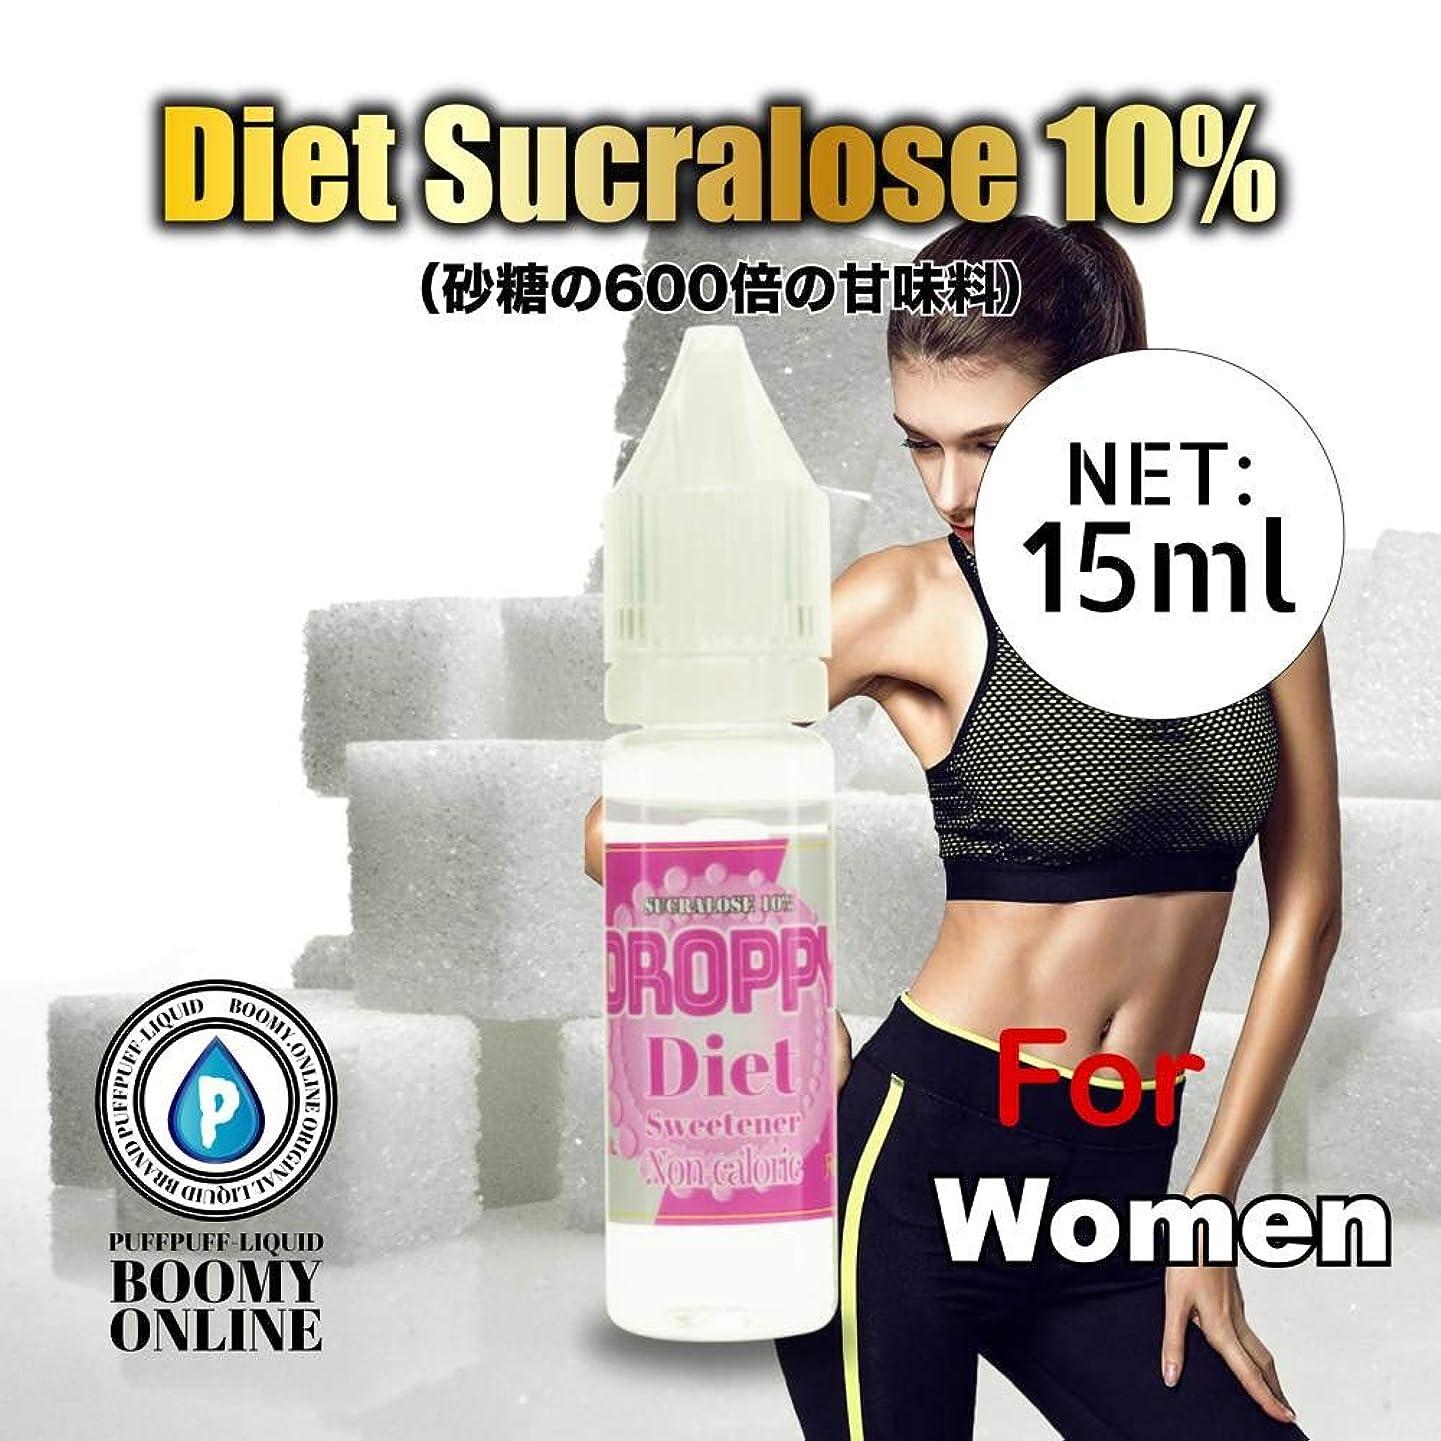 汗照らす哲学者【BooMY-Originalダイエットスクラロース】〓PuffPuff-Liquid〓人工甘味料 自作DIY用フレーバー (DROPPY-0cal Diet For Women(ドロッピーダイエットスクラロース10%0cal, 15ml) ダイエット食品 トレーニング 健康食品 砂糖の600倍 糖質制限 筋トレ プロテイン 電子タバコ